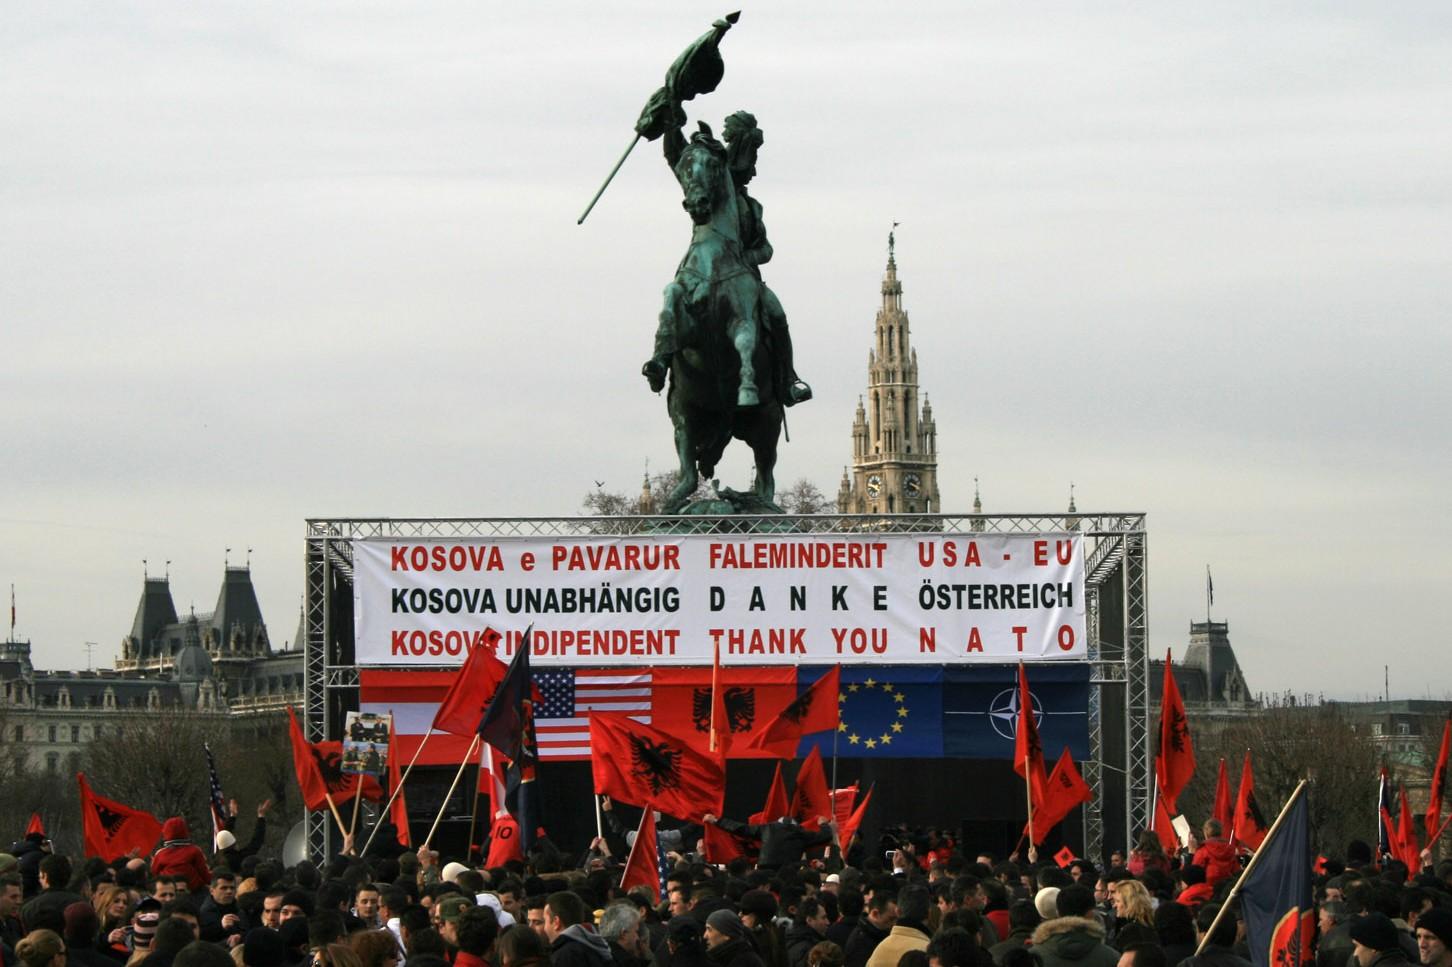 Albanci u Beču proslavljaju proglašenje jednostrane nezavisnosti Kosova od Srbije, 17. februar 2008. (Foto: Wikimedia/Tsui)